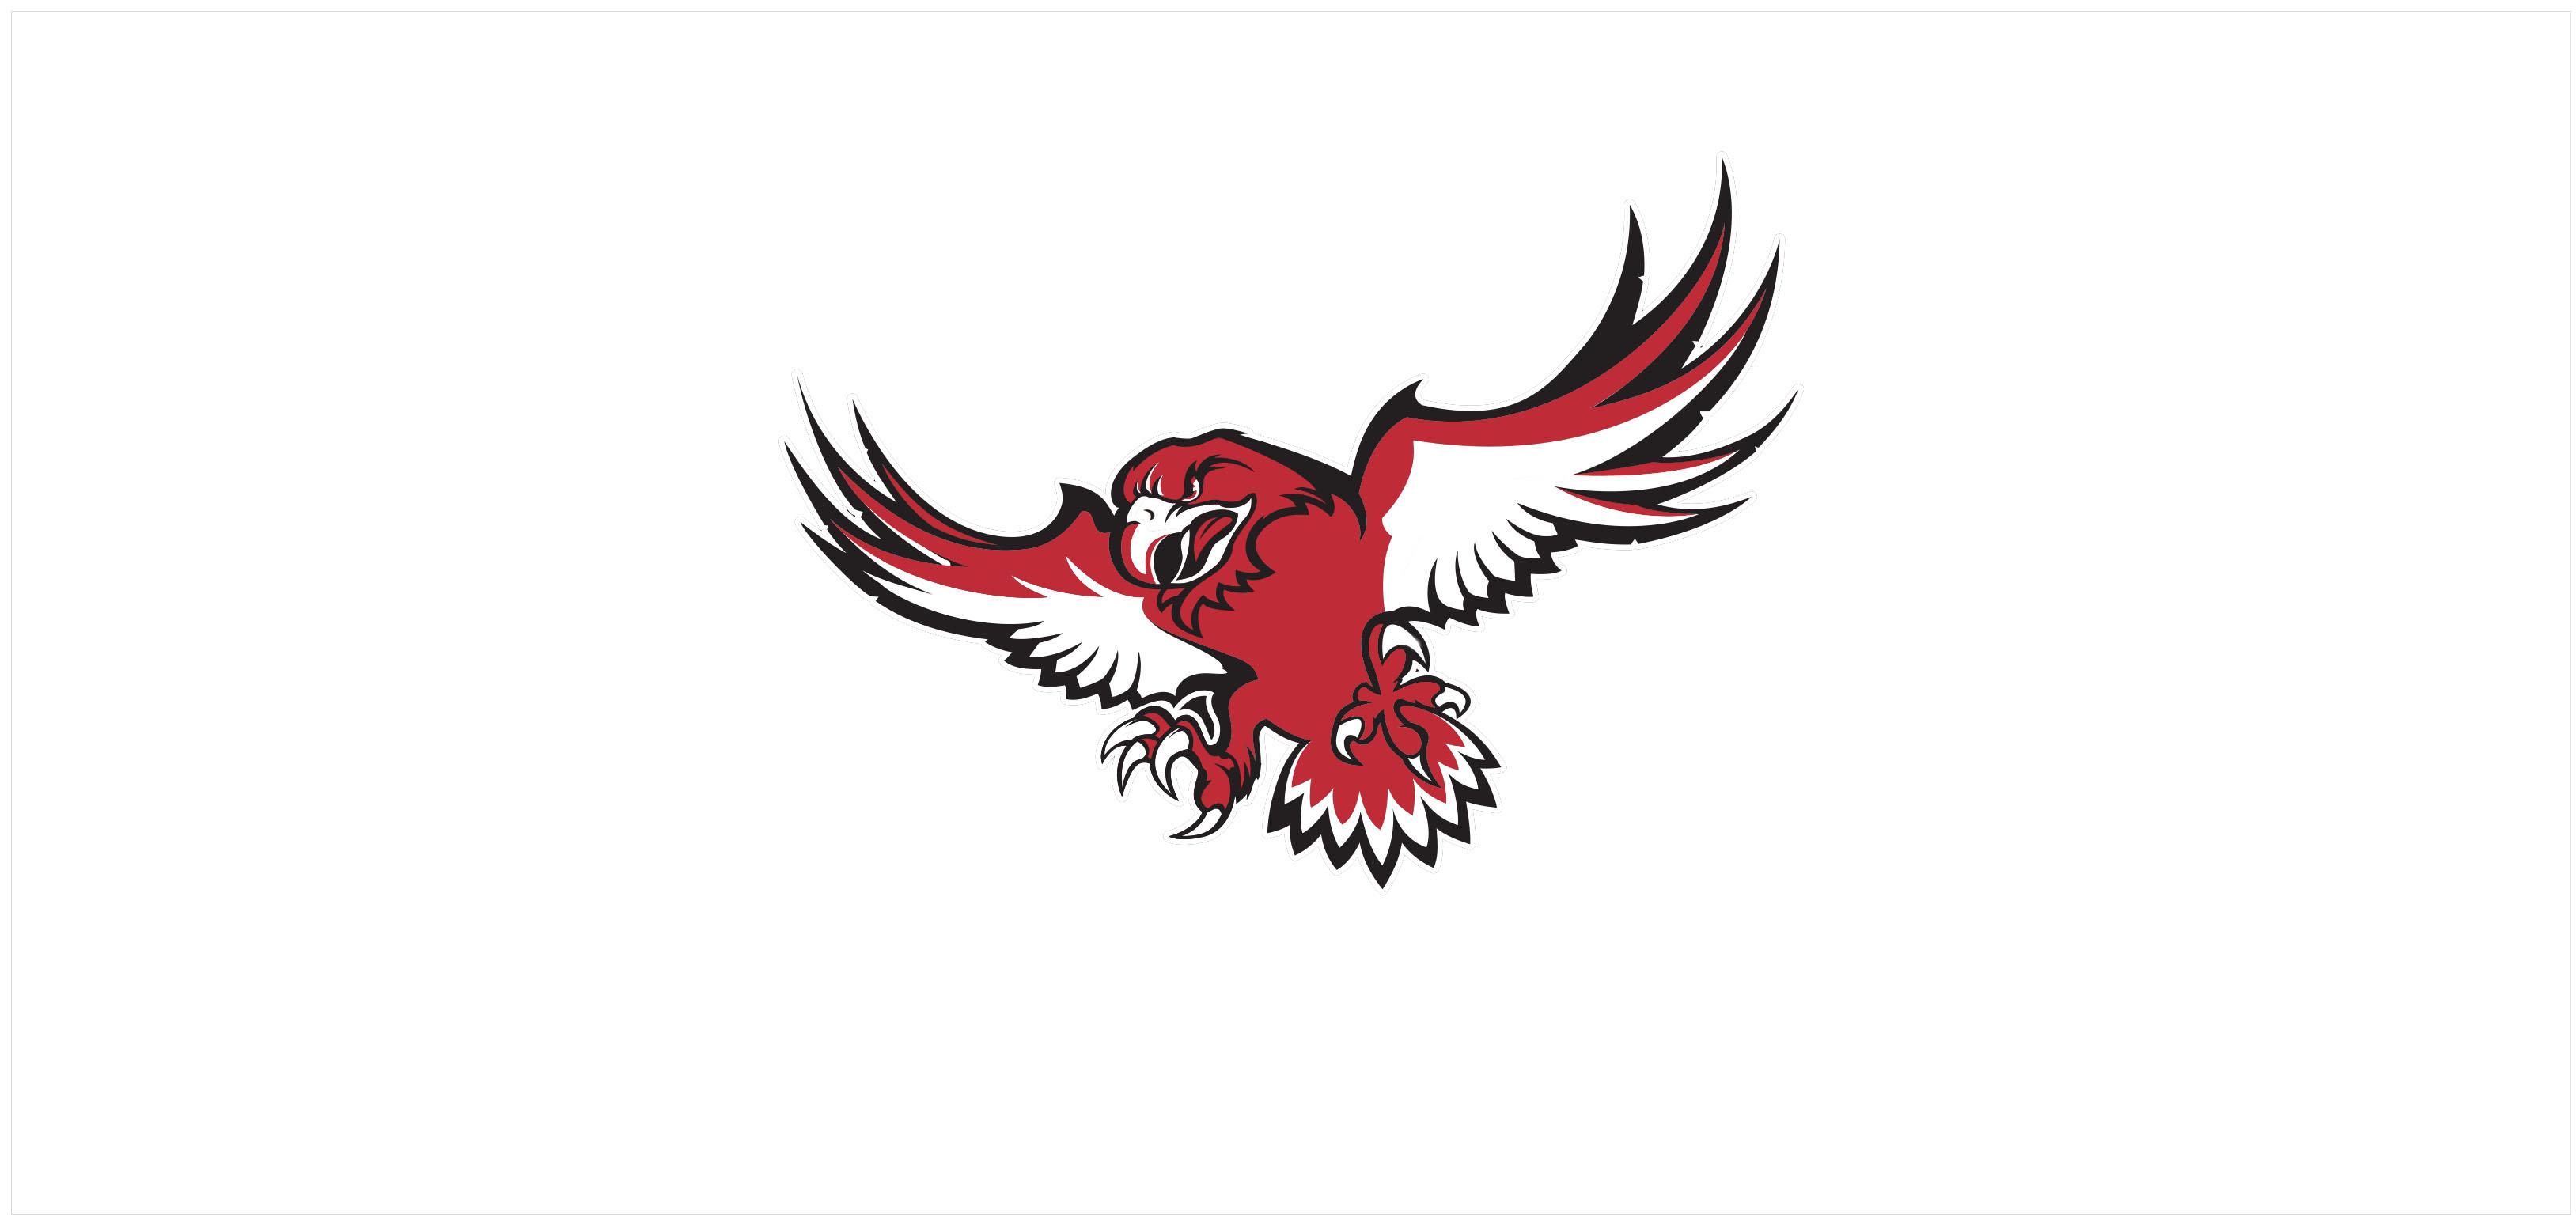 Hawk.jpg